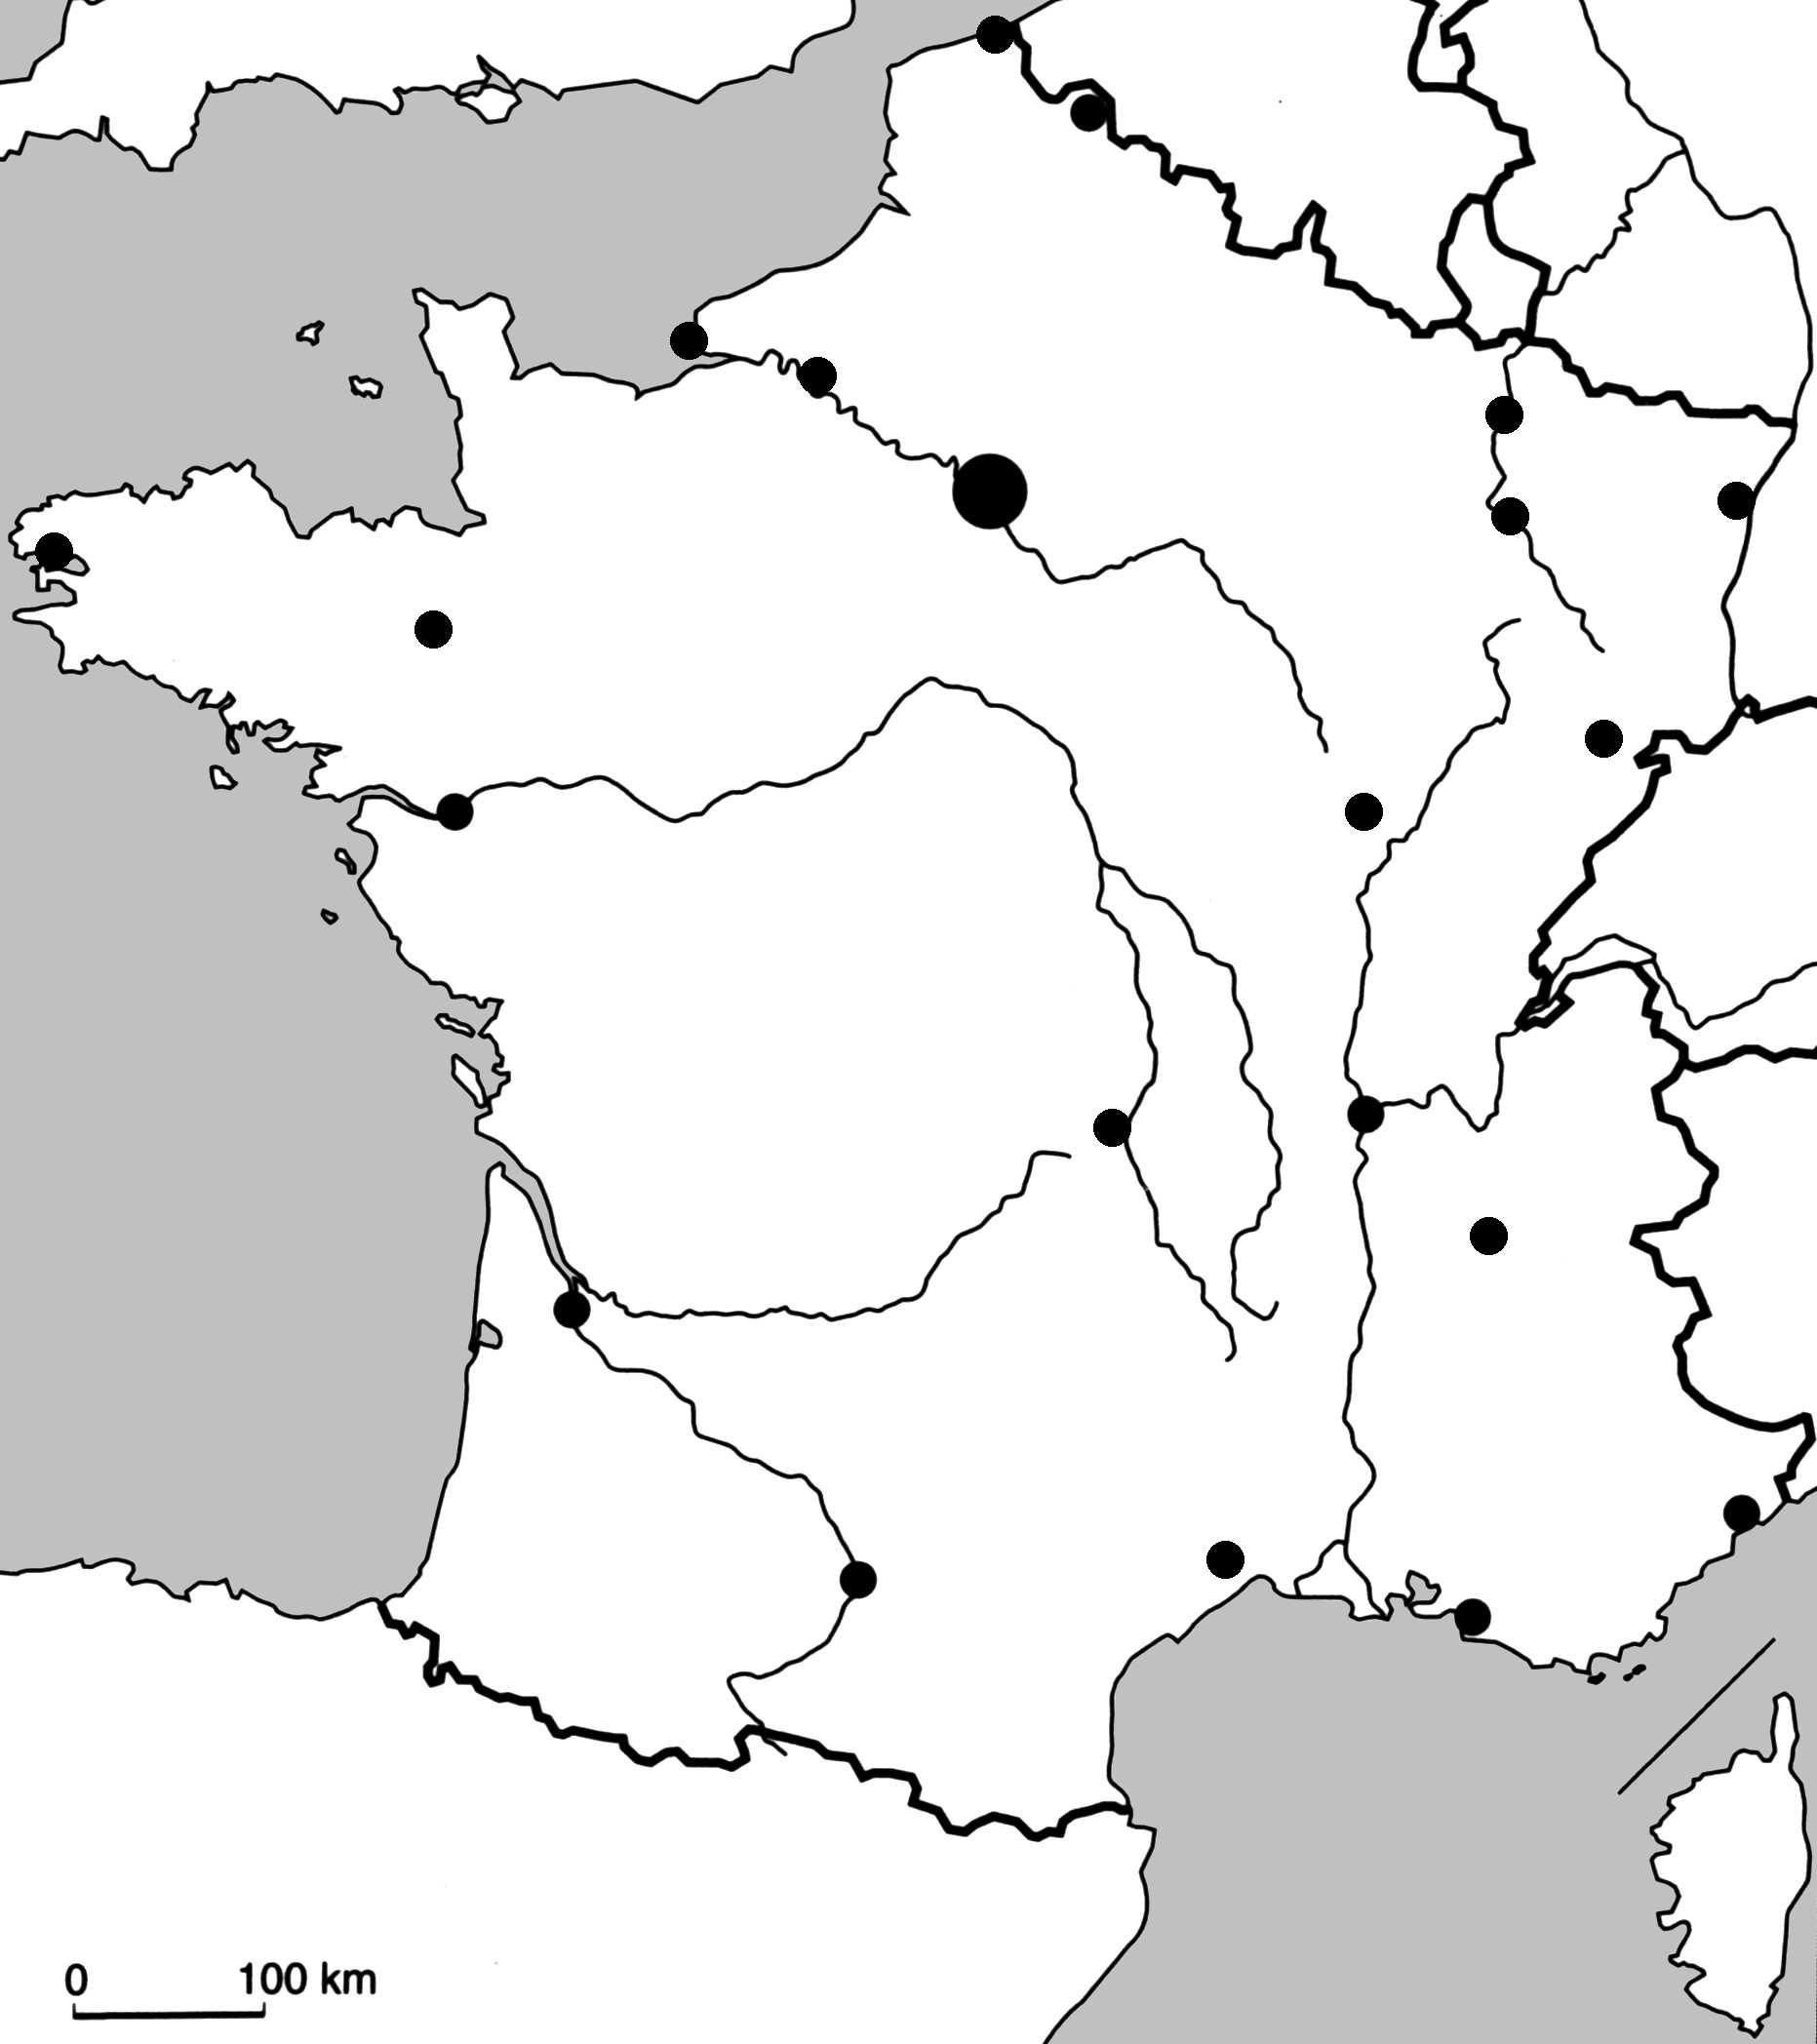 Afficher L'image D'origine | Carte France Vierge, Fleuve De à Carte Vierge De La France